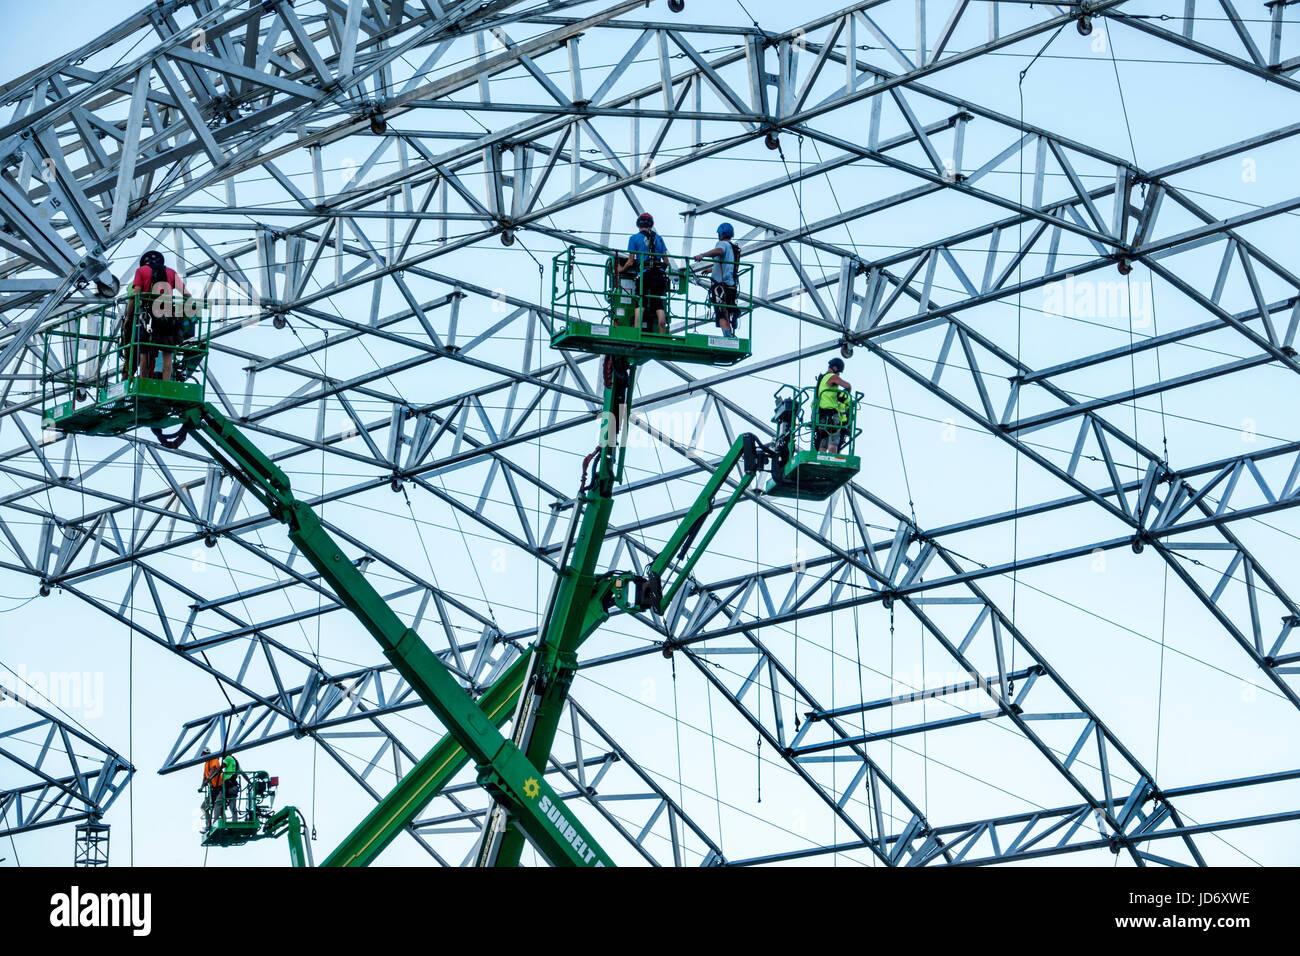 Miami Florida Downtown Biscayne Boulevard Bayfront Park Ultra Music Festival struttura di stadio di supporto strutturale Foto Stock